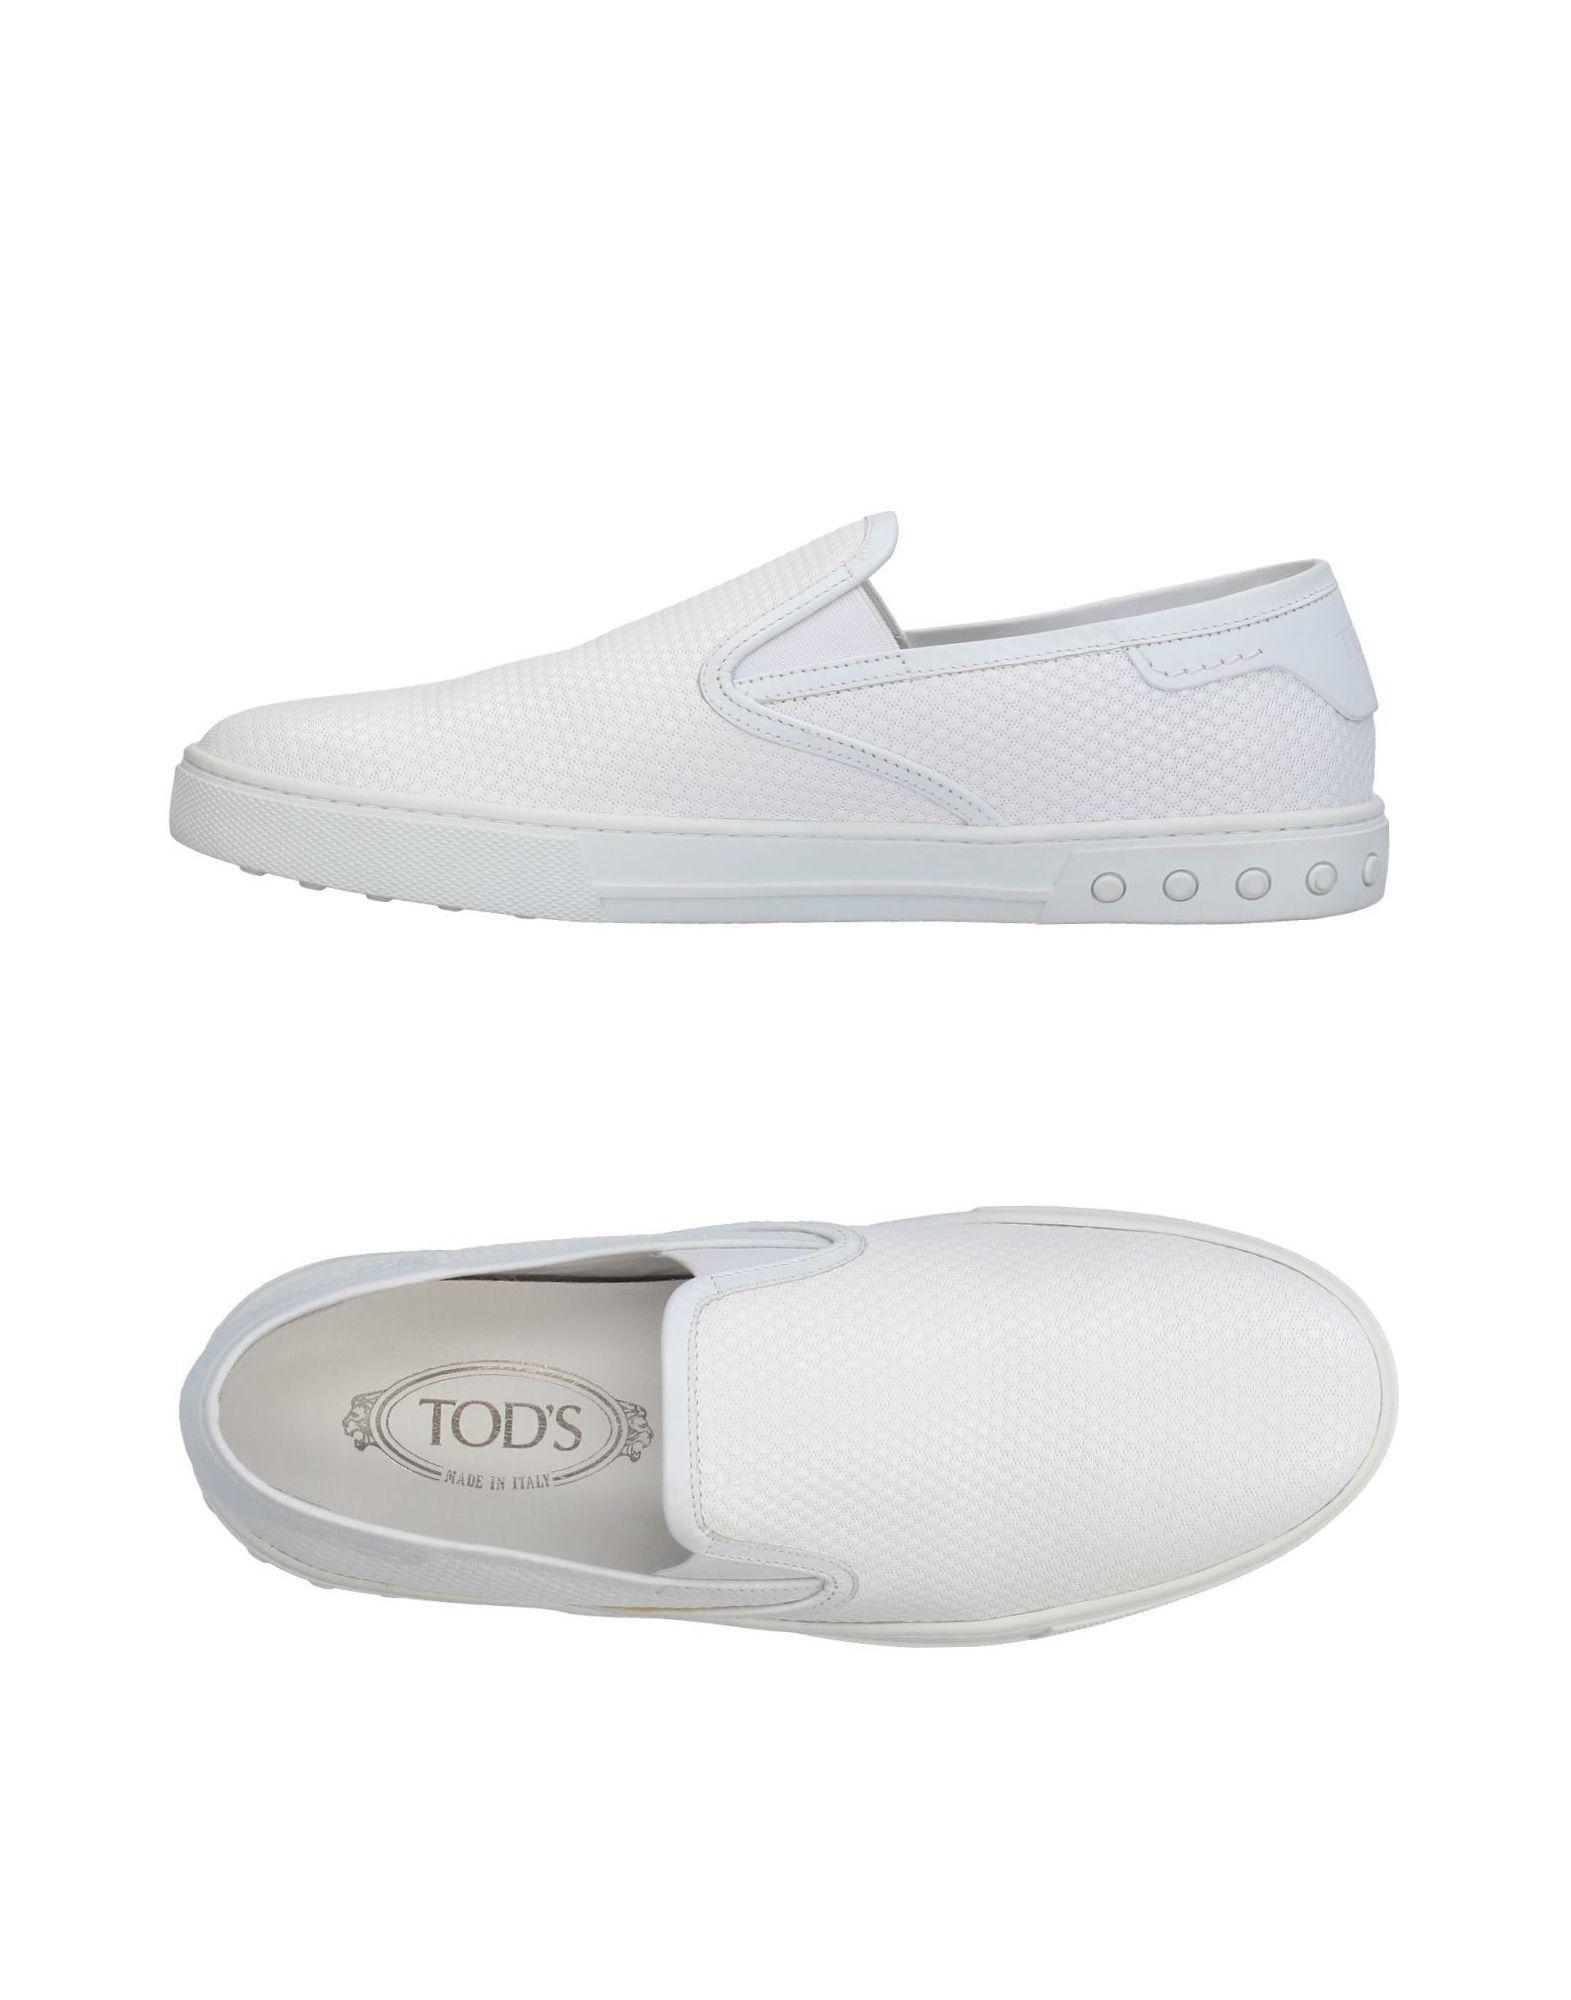 Tod's Sneakers Herren  11397299ER Gute Qualität beliebte Schuhe